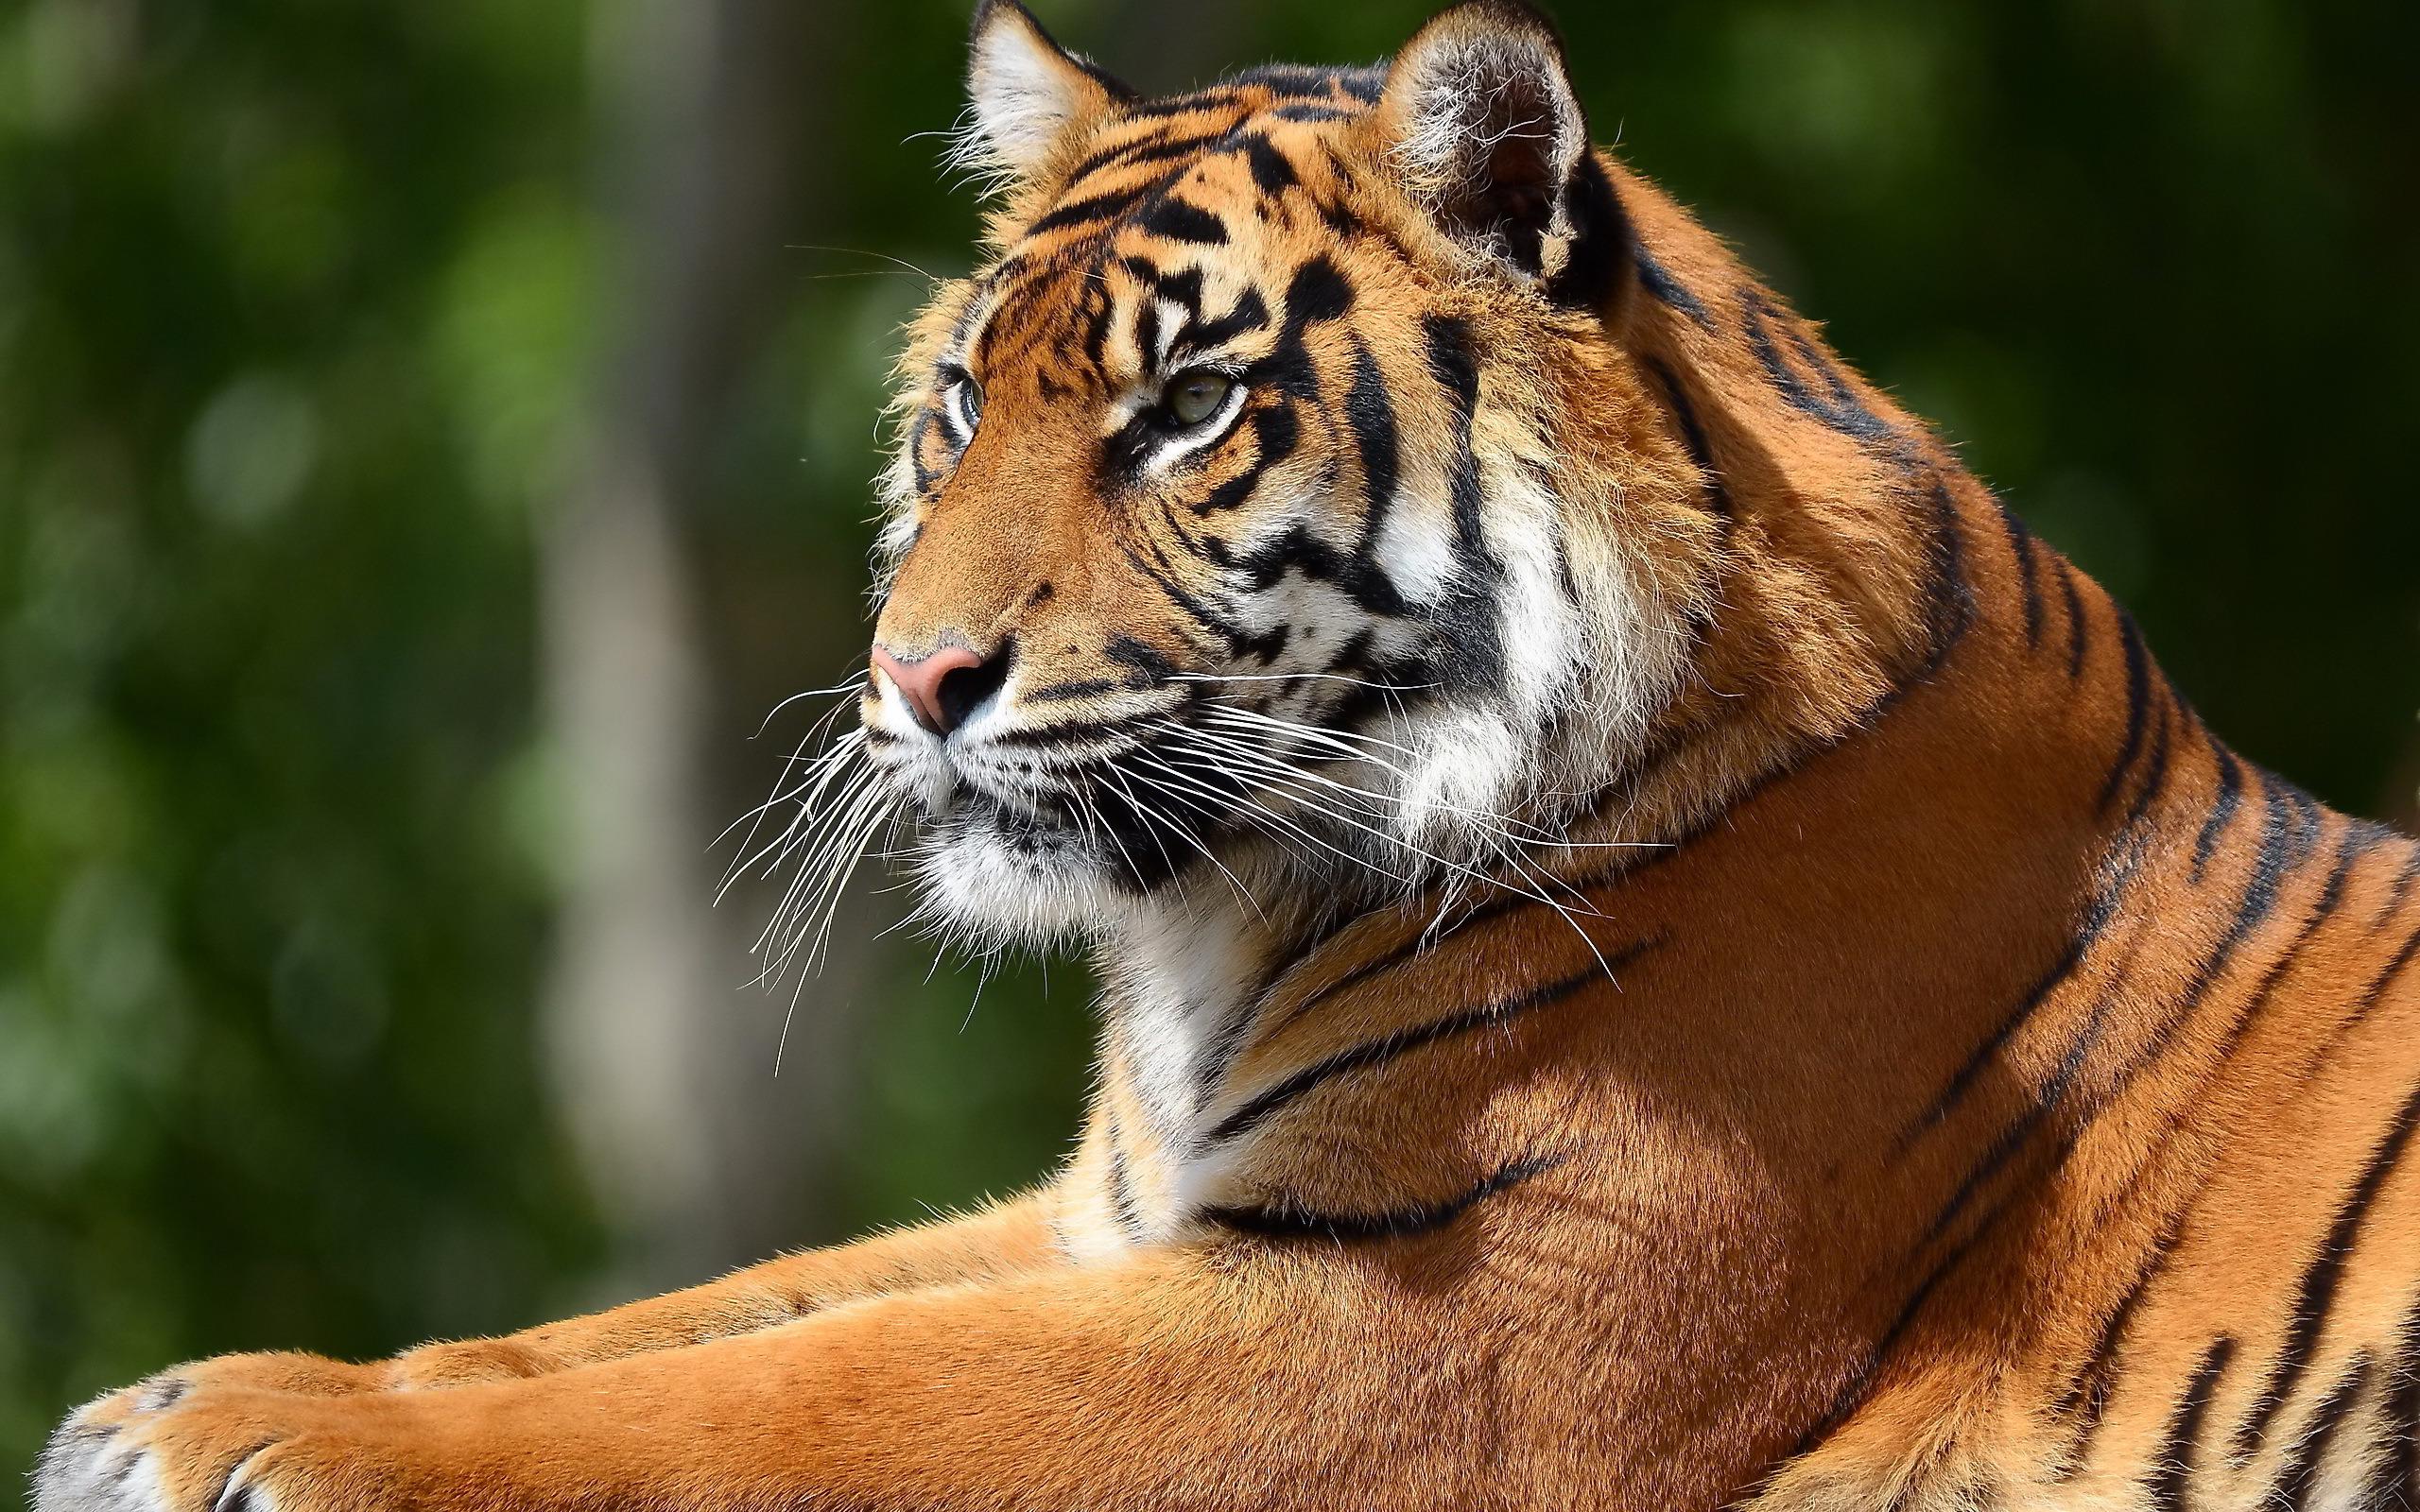 Tiger sunbath